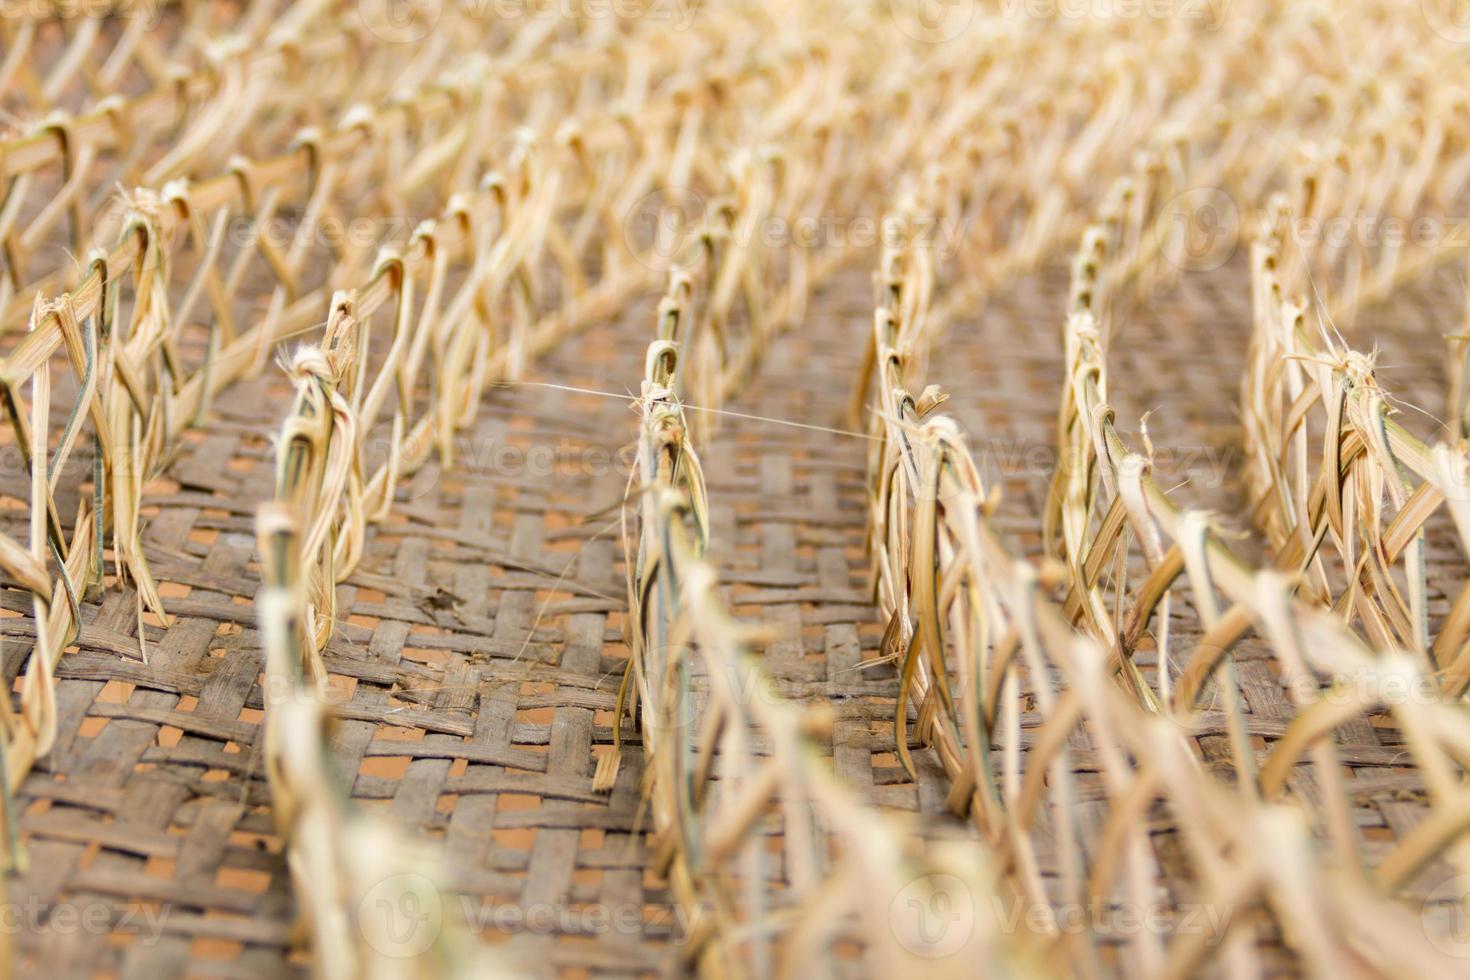 fila de tejido de bambú, una cesta de capullos de gusano foto